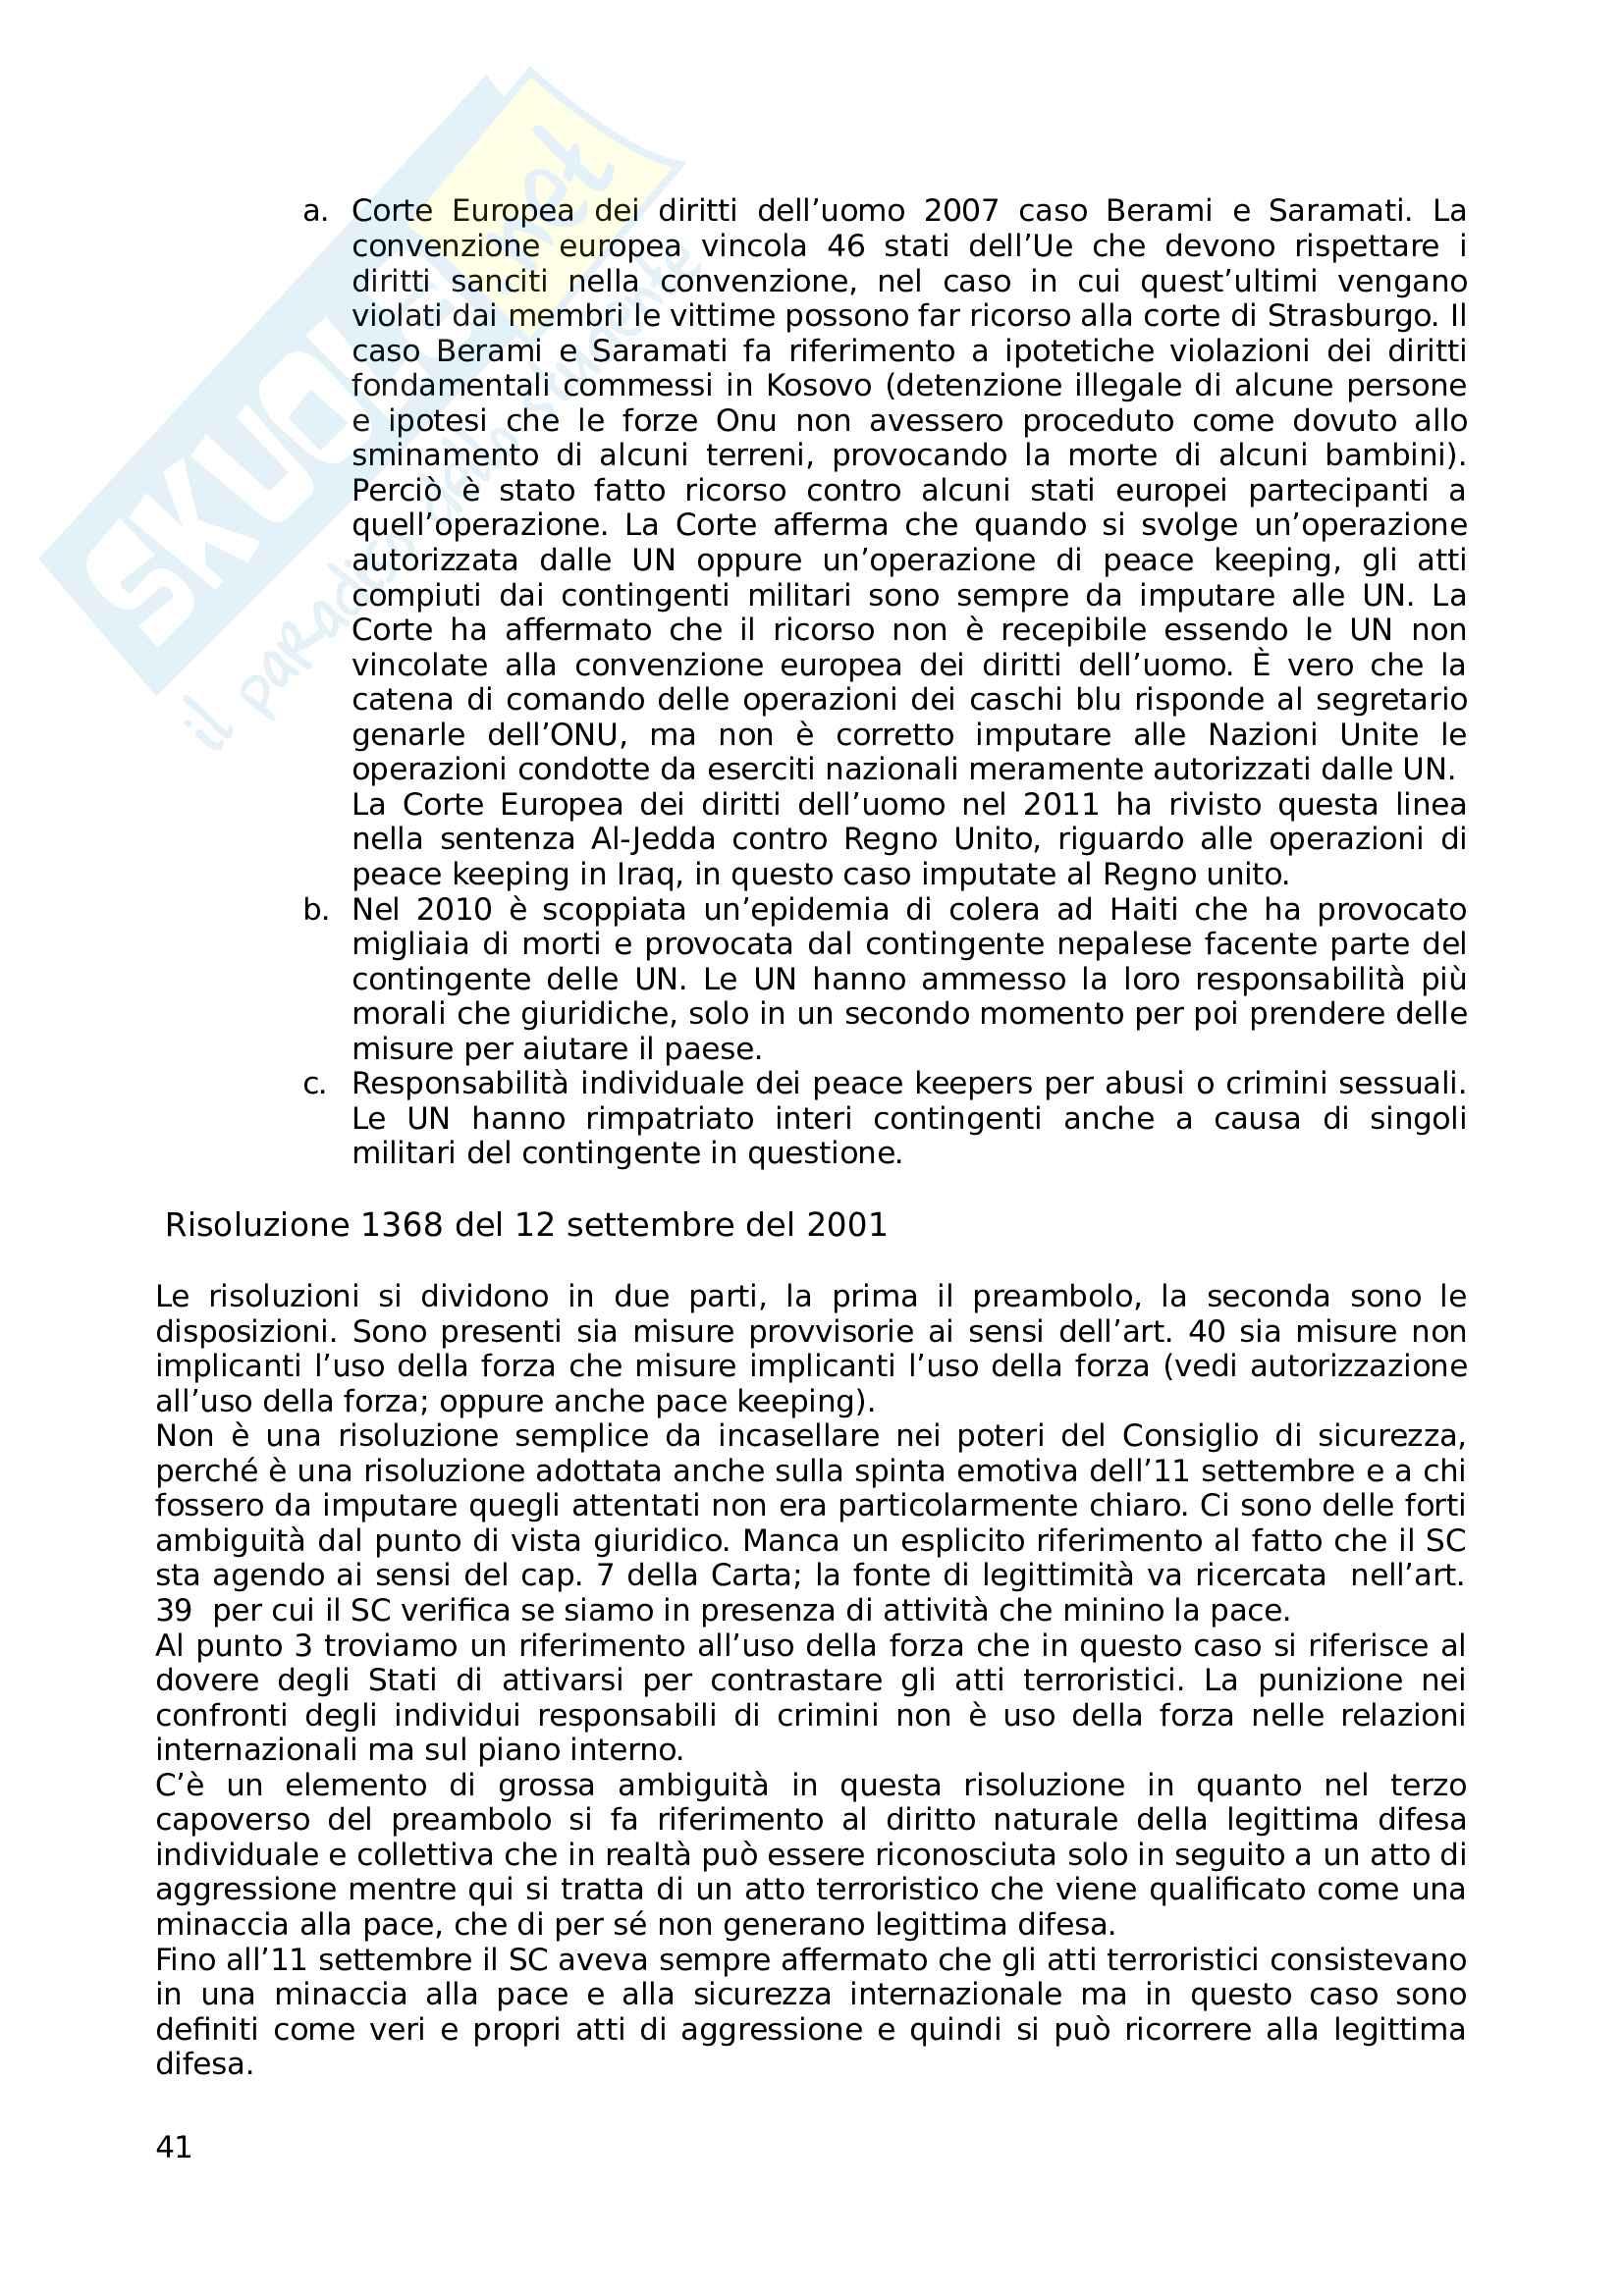 Appunti Diritto internazionale prof Santini Pag. 41